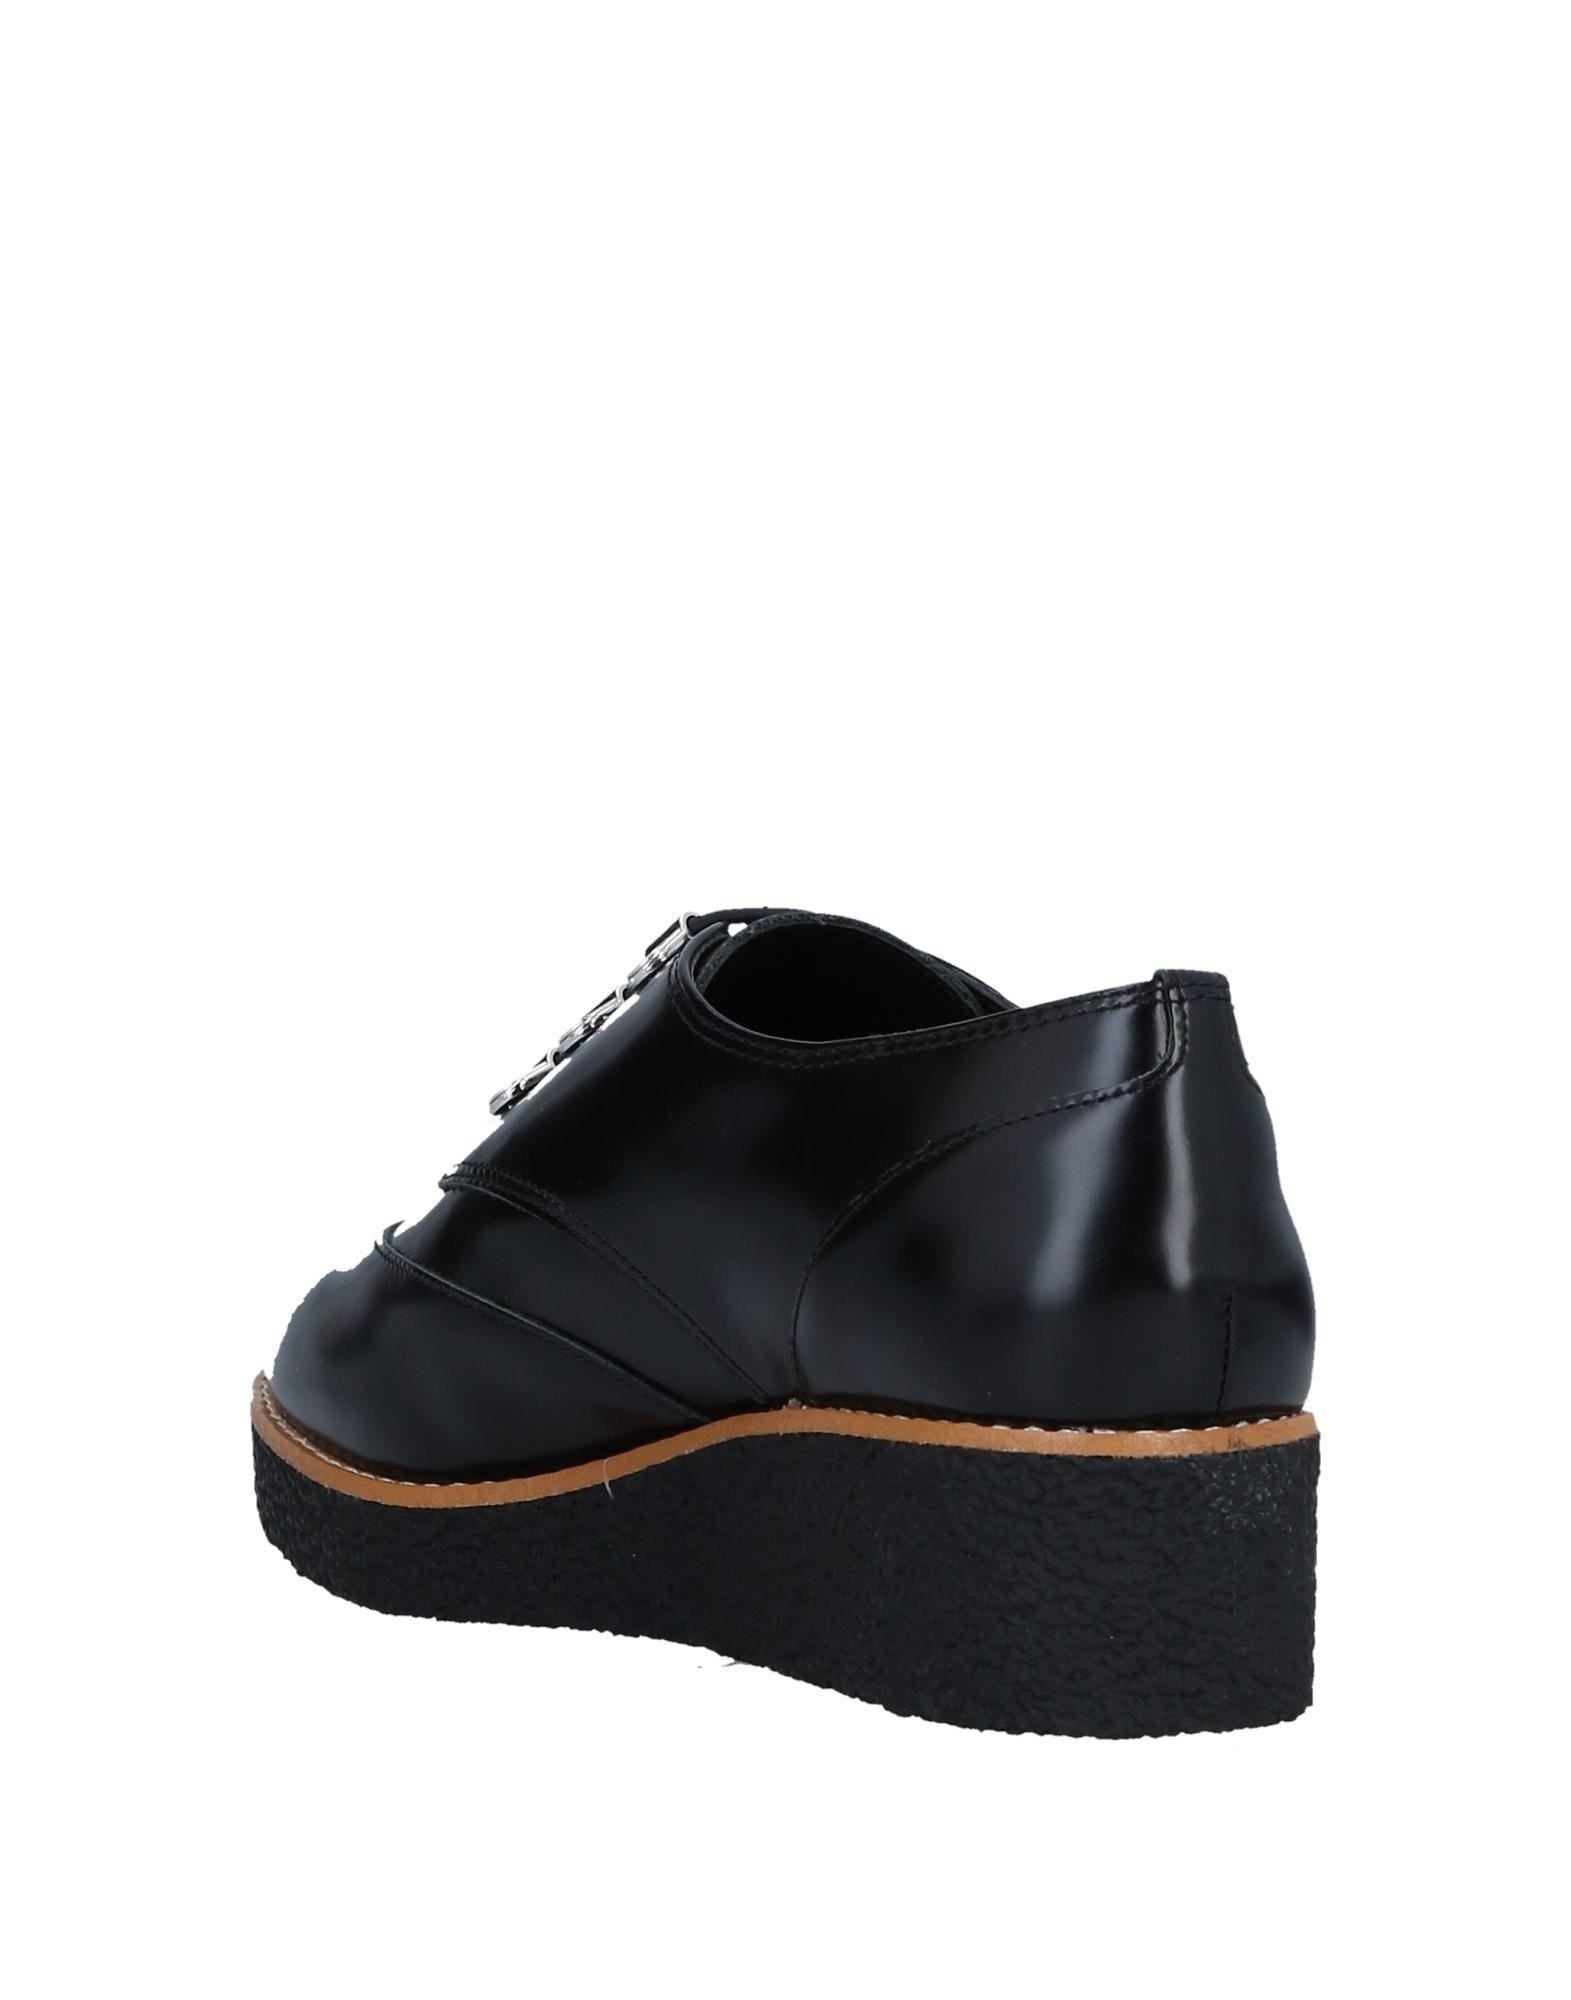 da3e7ad5f4a8 Lyst - Rebecca Minkoff Lace-up Shoe in Black